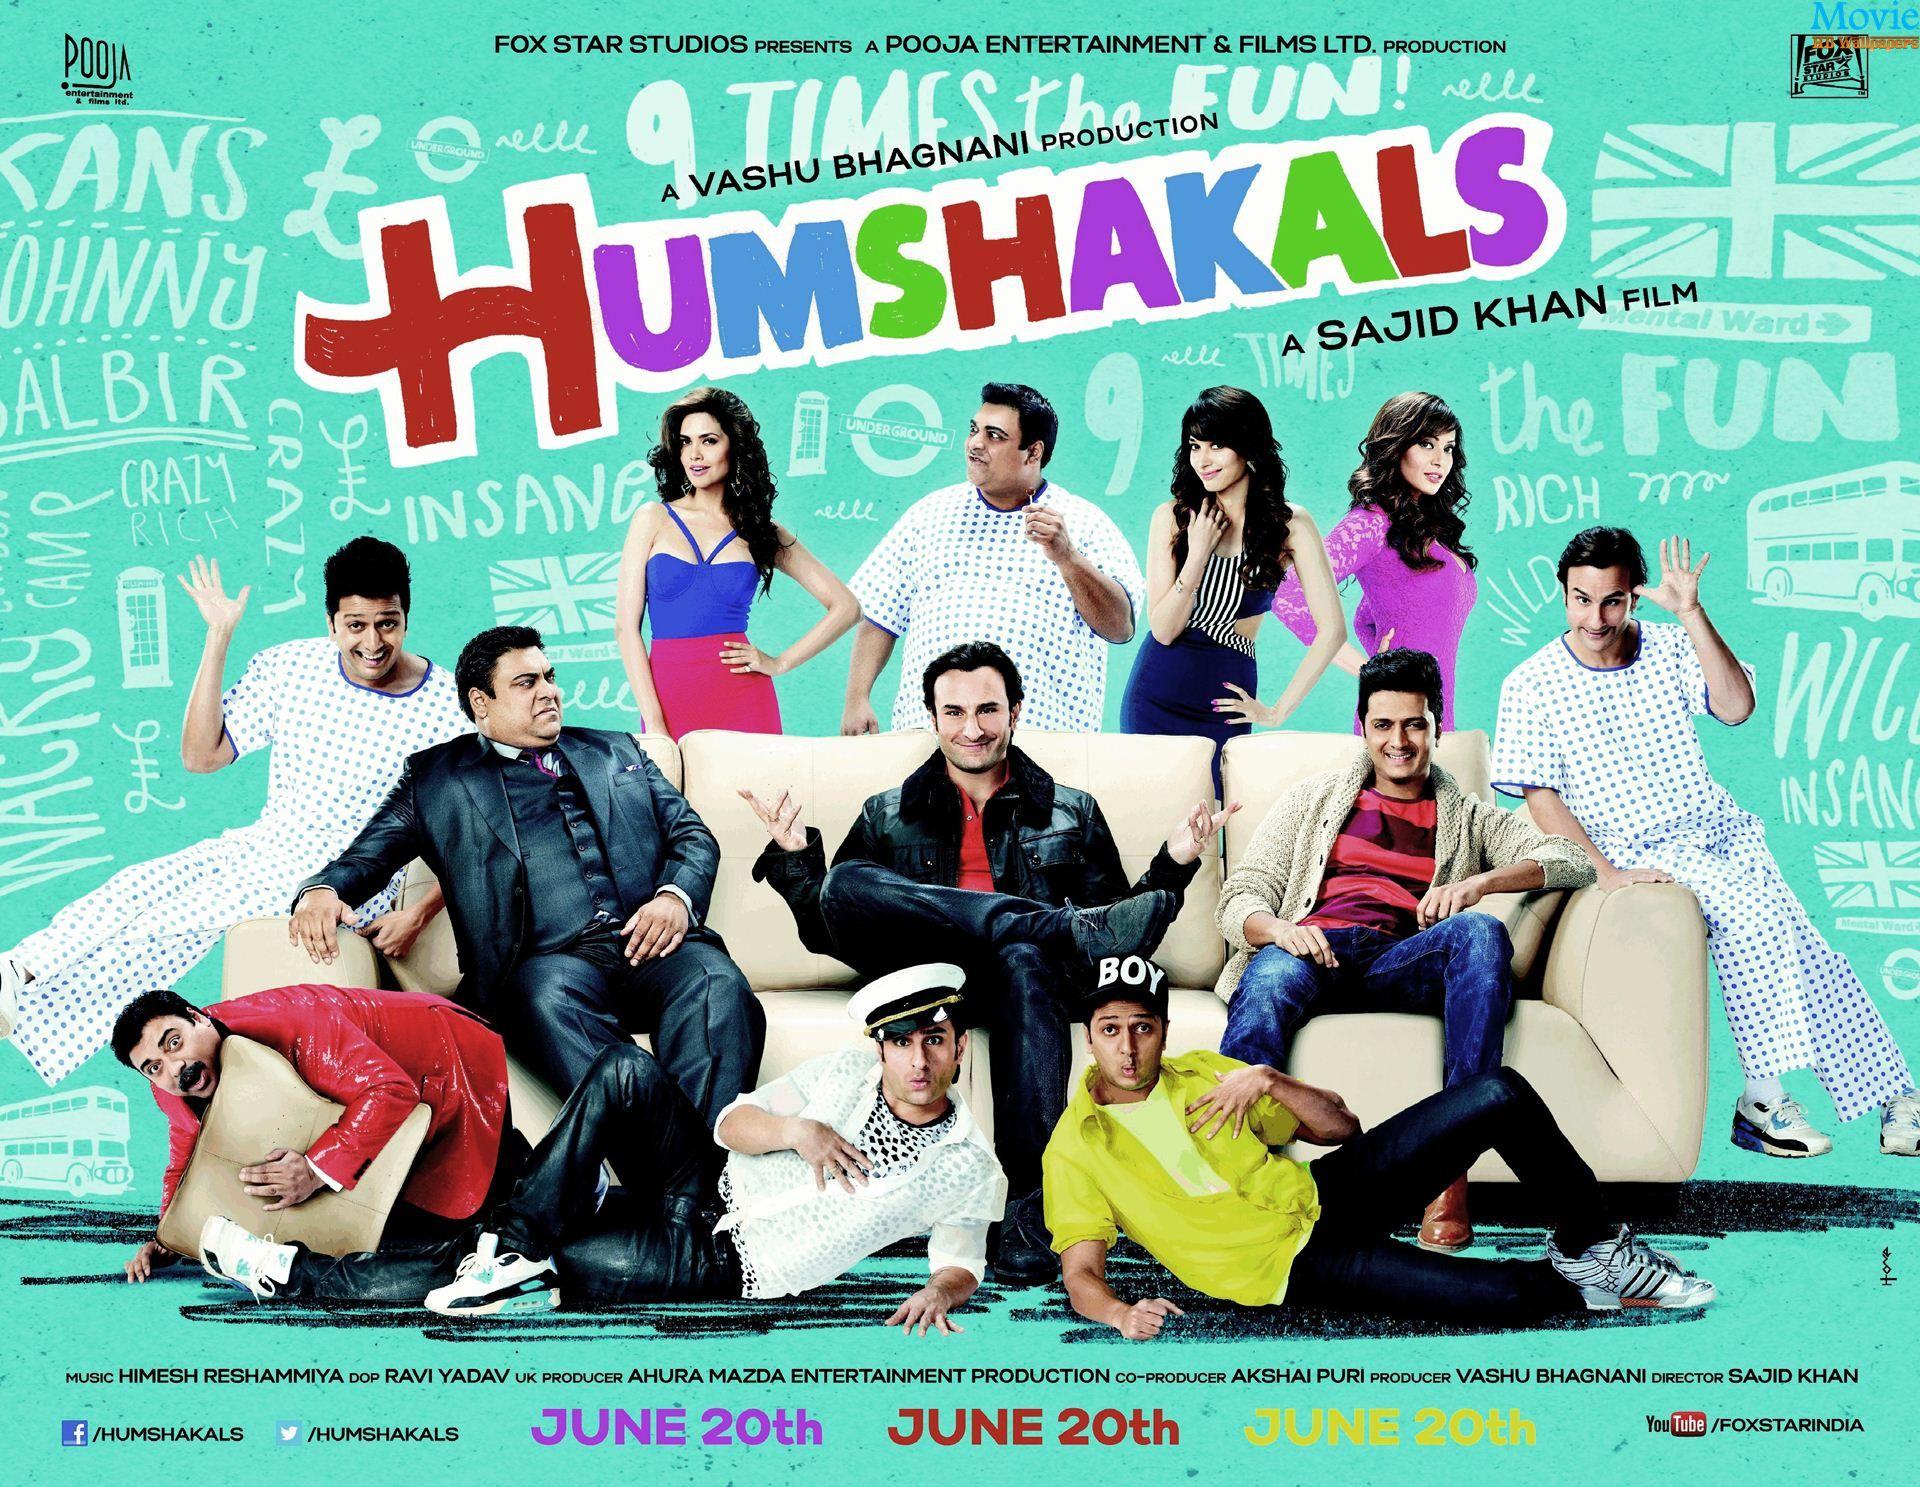 Humshakals_2014_Hindi_movie_poster